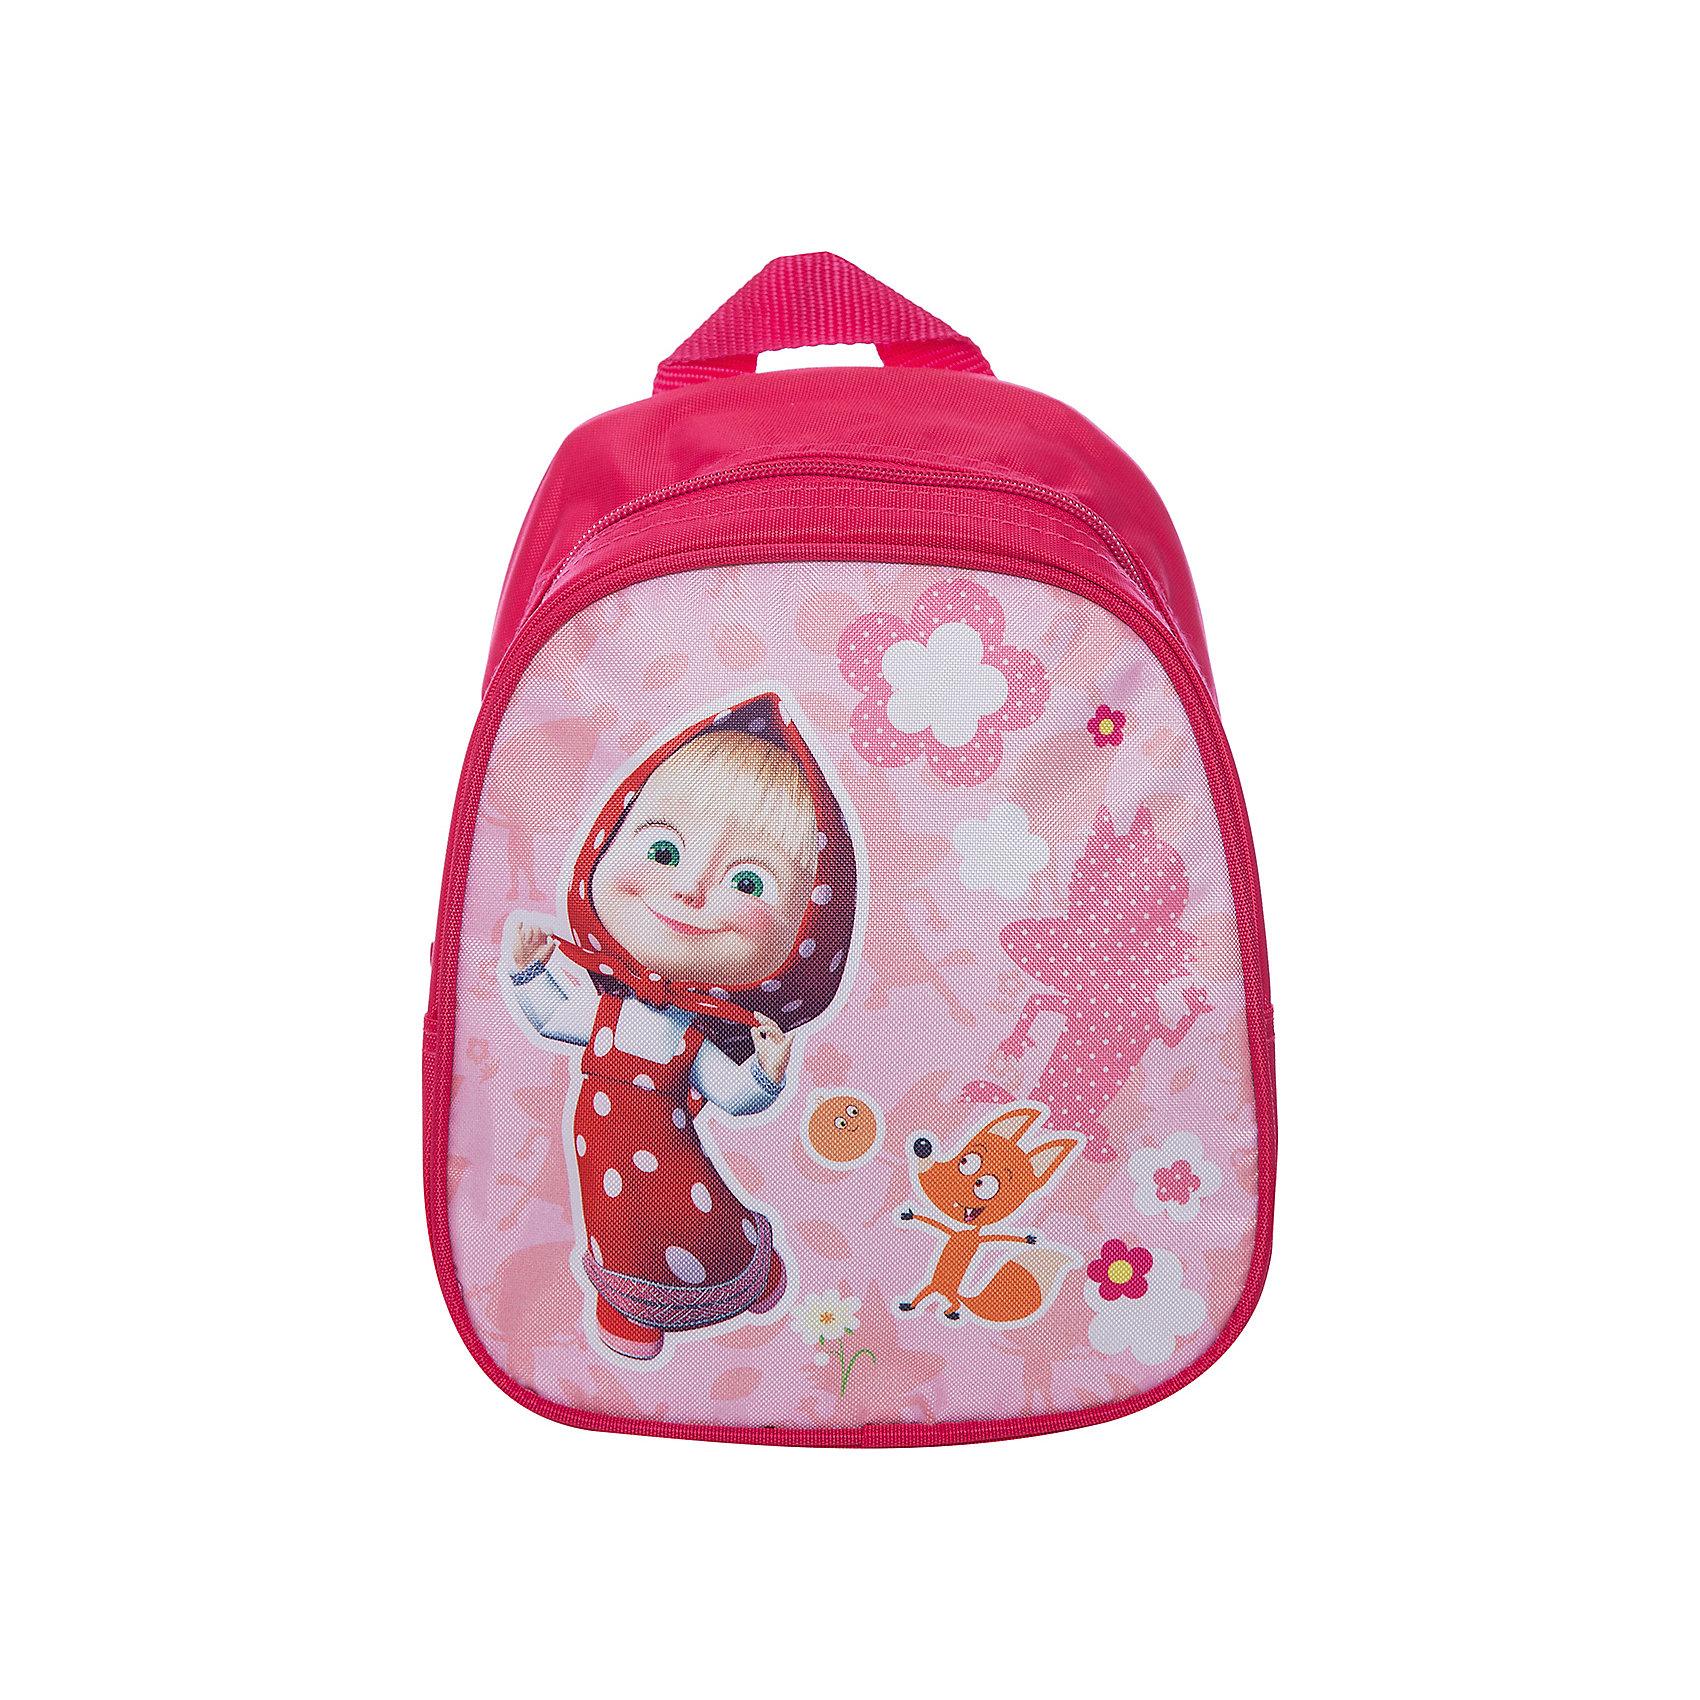 Дошкольный рюкзак Фантазия, Маша и МедведьДетские рюкзаки<br>Очаровательный дошкольный рюкзачок «Свинка Пеппа» – это невероятно привлекательный аксессуар для вашей малышки. В его внутреннем отделении на молнии легко поместятся не только игрушки, но даже тетрадка или книжка. Благодаря регулируемым лямкам, рюкзачок подходит детям любого роста. Удобная ручка помогает носить аксессуар в руке или размещать на вешалке. Изделие изготовлено из износостойкой, водонепроницаемой ткани, поэтому оно будет служить долгое время, сохраняя положенные в него вещи сухими даже в дождливую погоду. Рюкзачок декорирован привлекательным принтом (сублимированной печатью). Размер: 23х19х8 см.<br><br>Ширина мм: 255<br>Глубина мм: 210<br>Высота мм: 25<br>Вес г: 161<br>Возраст от месяцев: 36<br>Возраст до месяцев: 72<br>Пол: Женский<br>Возраст: Детский<br>SKU: 4635135